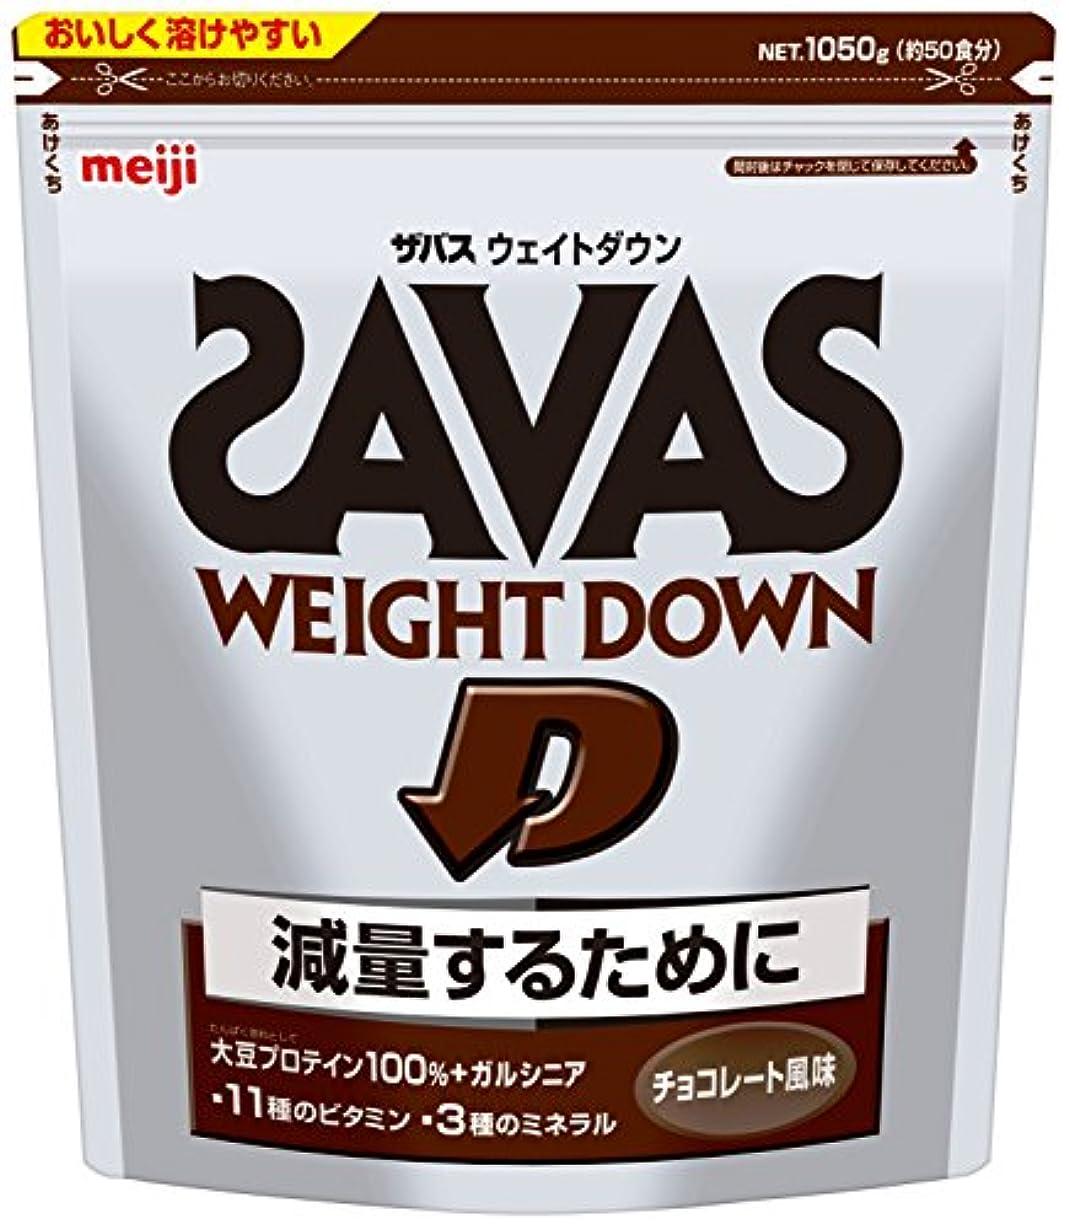 覚えている違反するアームストロングザバス(SAVAS) ウェイトダウン チョコレート風味【50食分】 1,050g